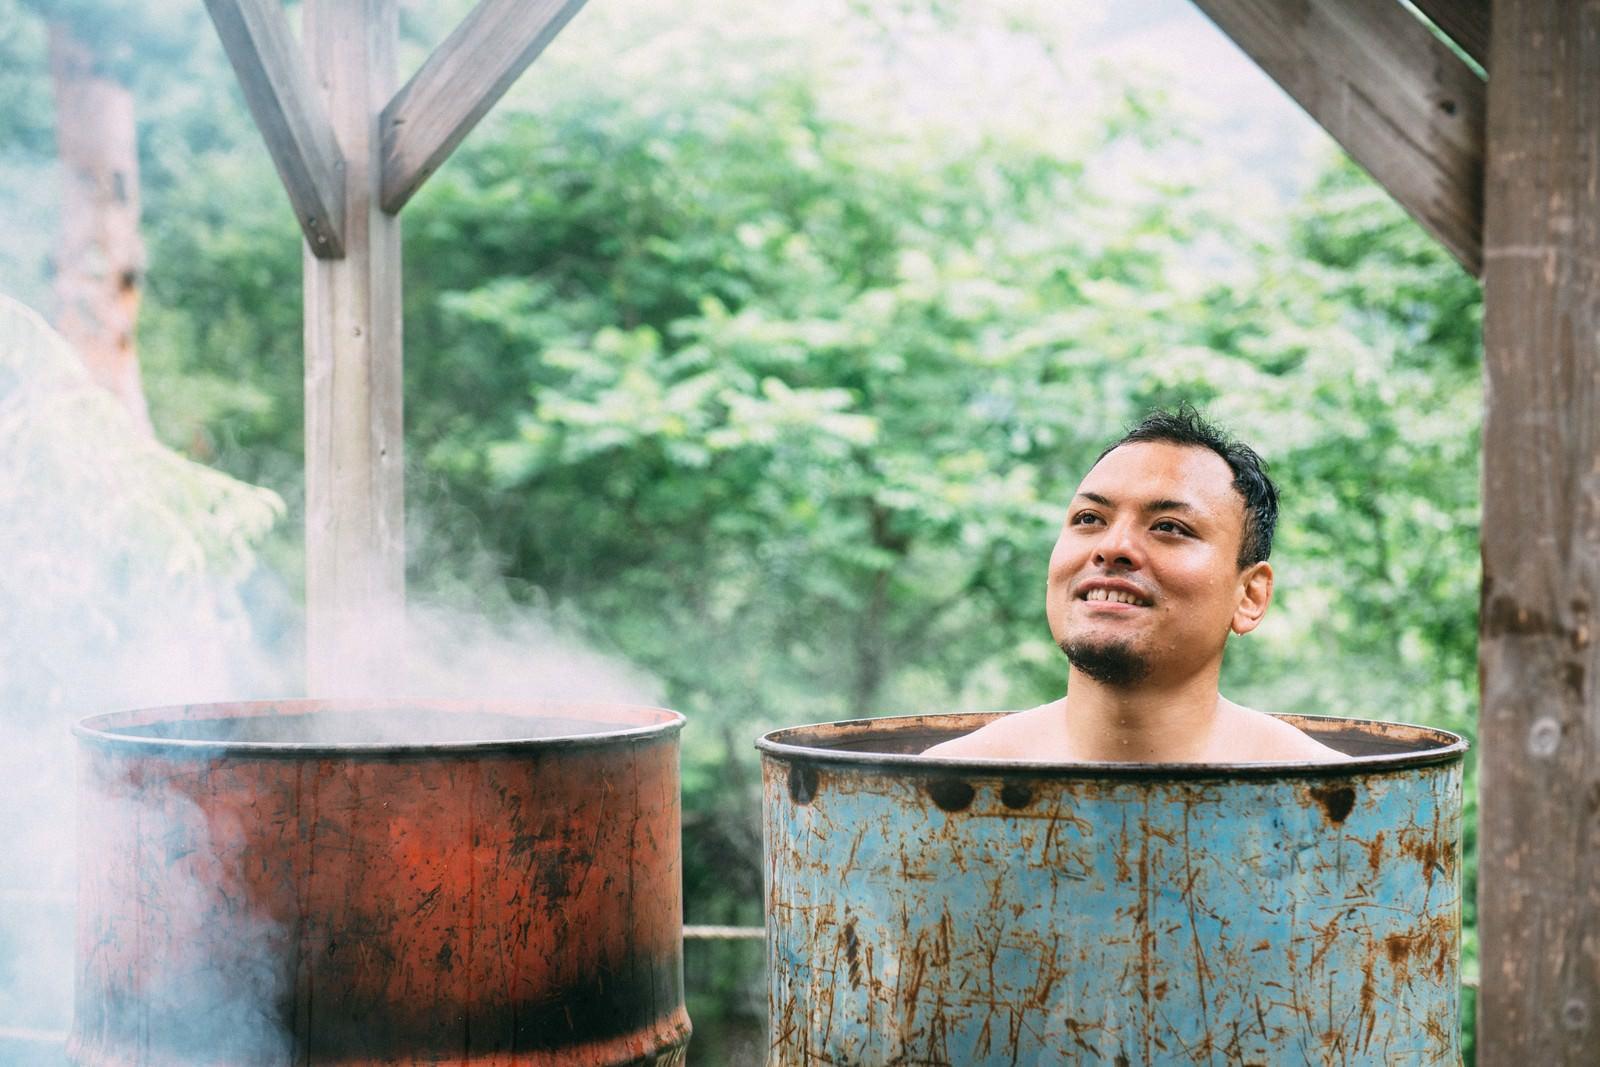 「ドラム缶風呂の気持ちよさにとろける男性ドラム缶風呂の気持ちよさにとろける男性」[モデル:カルロス]のフリー写真素材を拡大